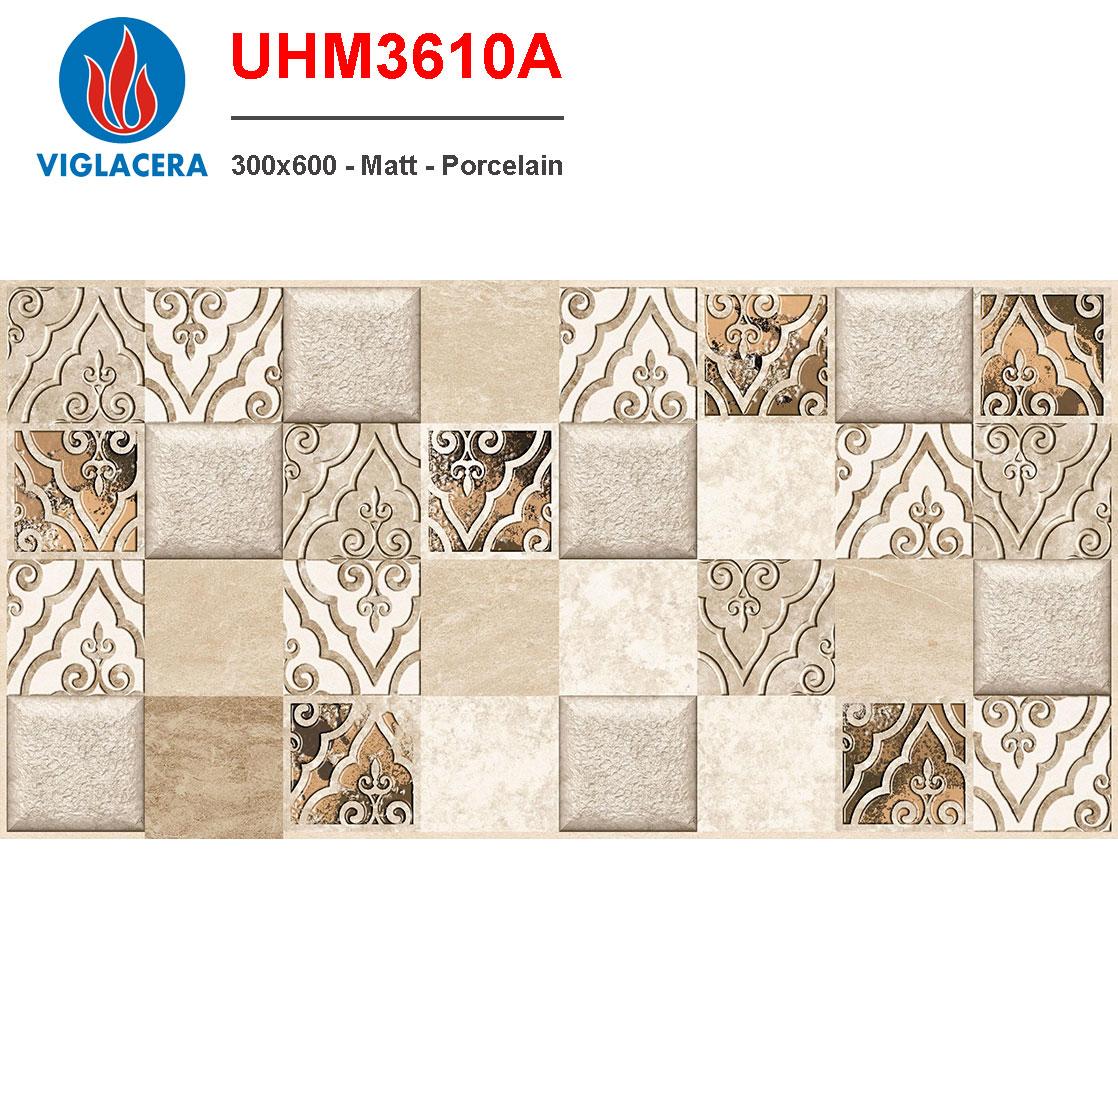 Gạch điểm Viglacera 300x600 UHM3610A giá rẻ